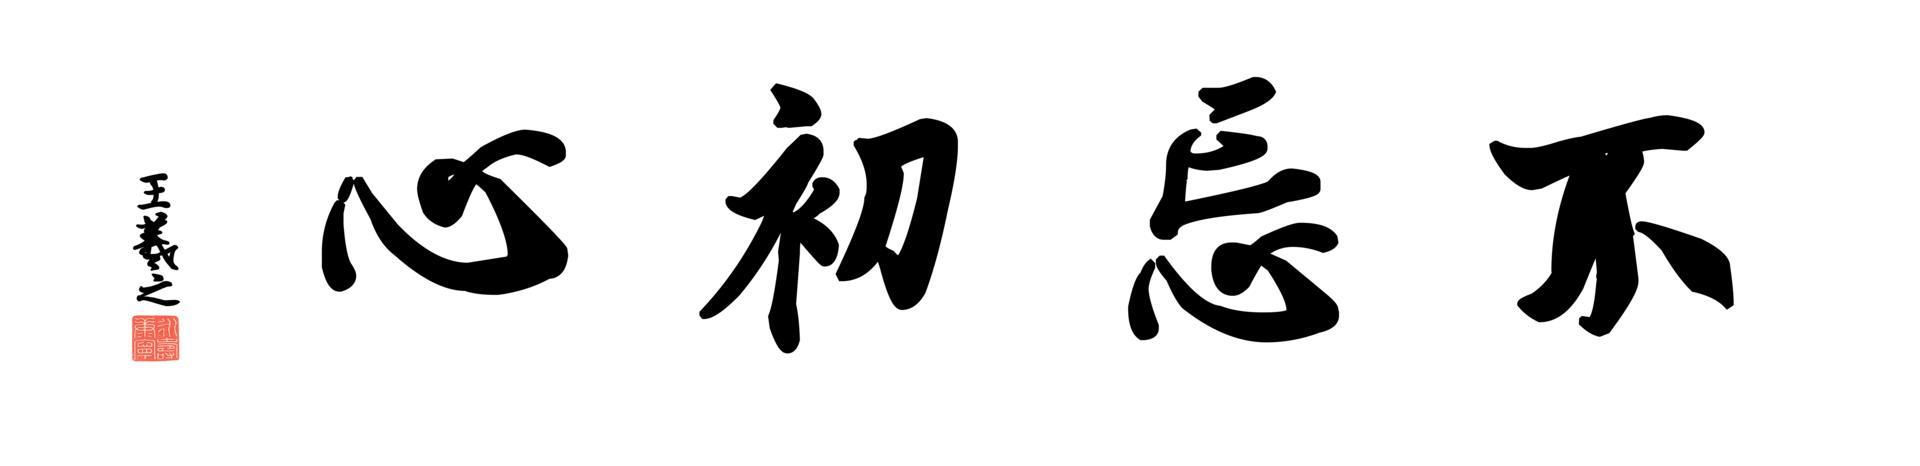 0008_王羲之兰亭体数字书法-四字横幅不忘初心136x33cm_21417x5197PX_TIF_400DPI_326_0